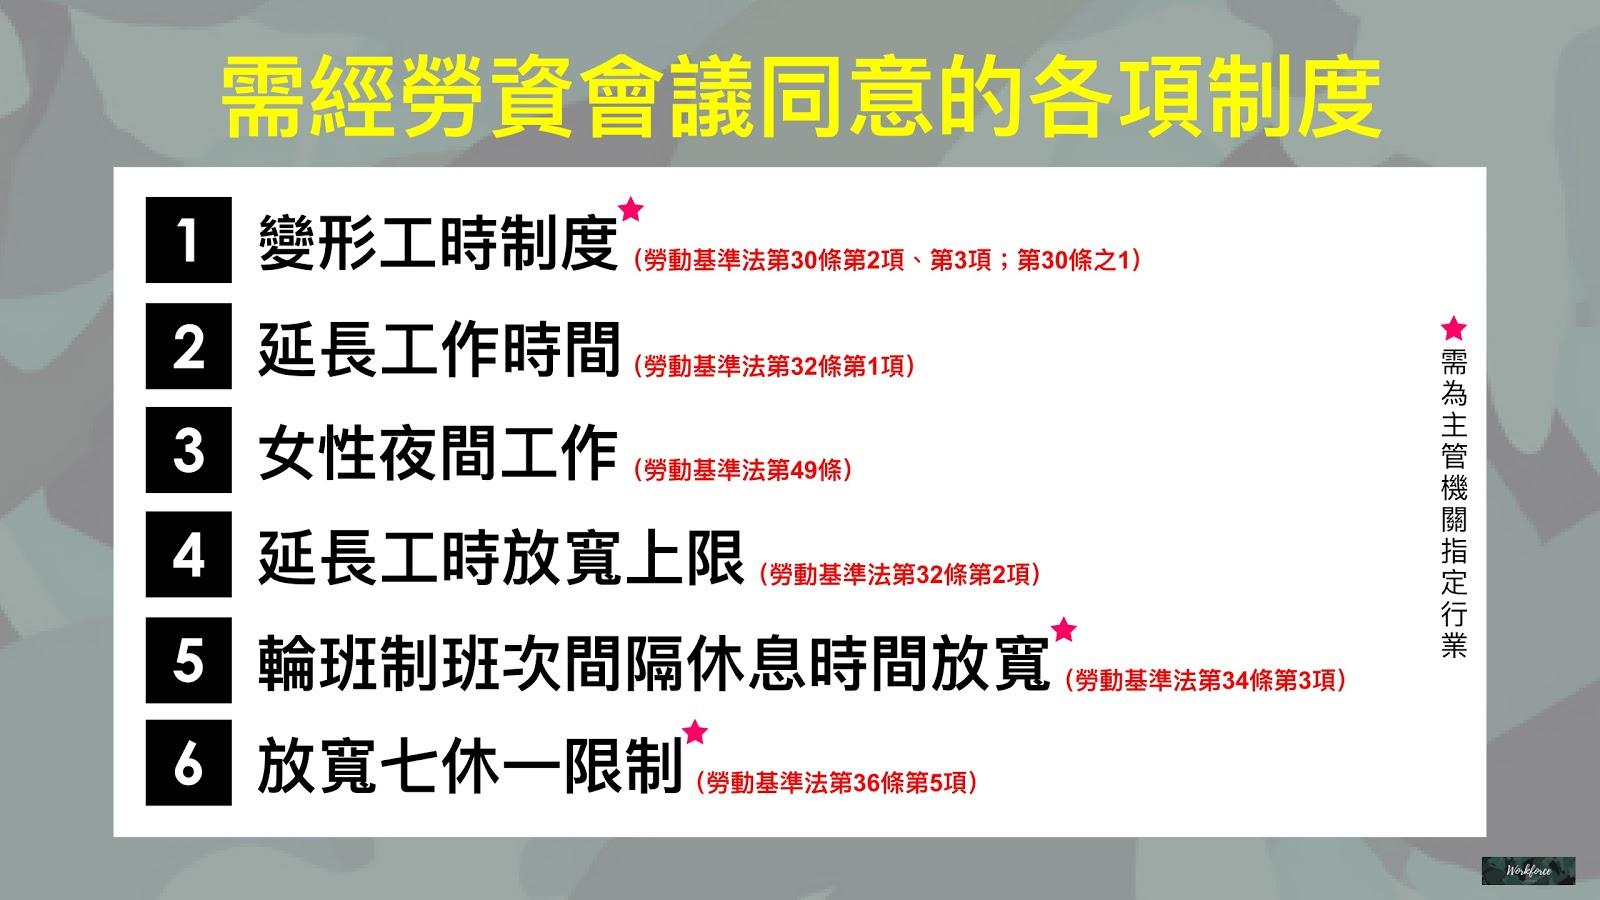 須經勞資會議同意的各項制度與措施